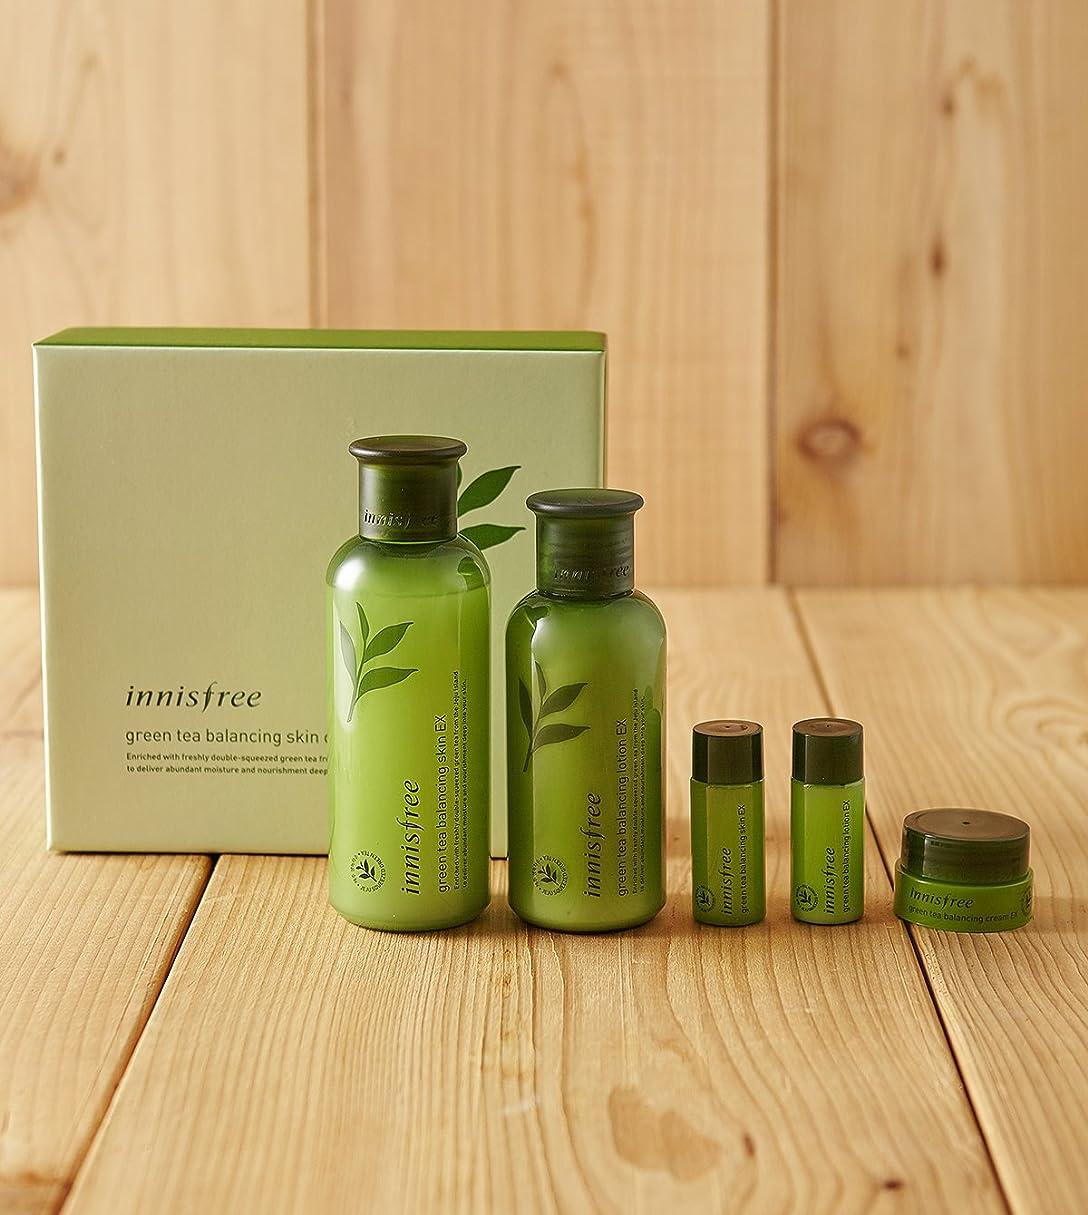 場合出口ミュージカルinnisfree green tea balancing skin care set ex/イニスフリーグリーンティーバランシングスキンケアセットex